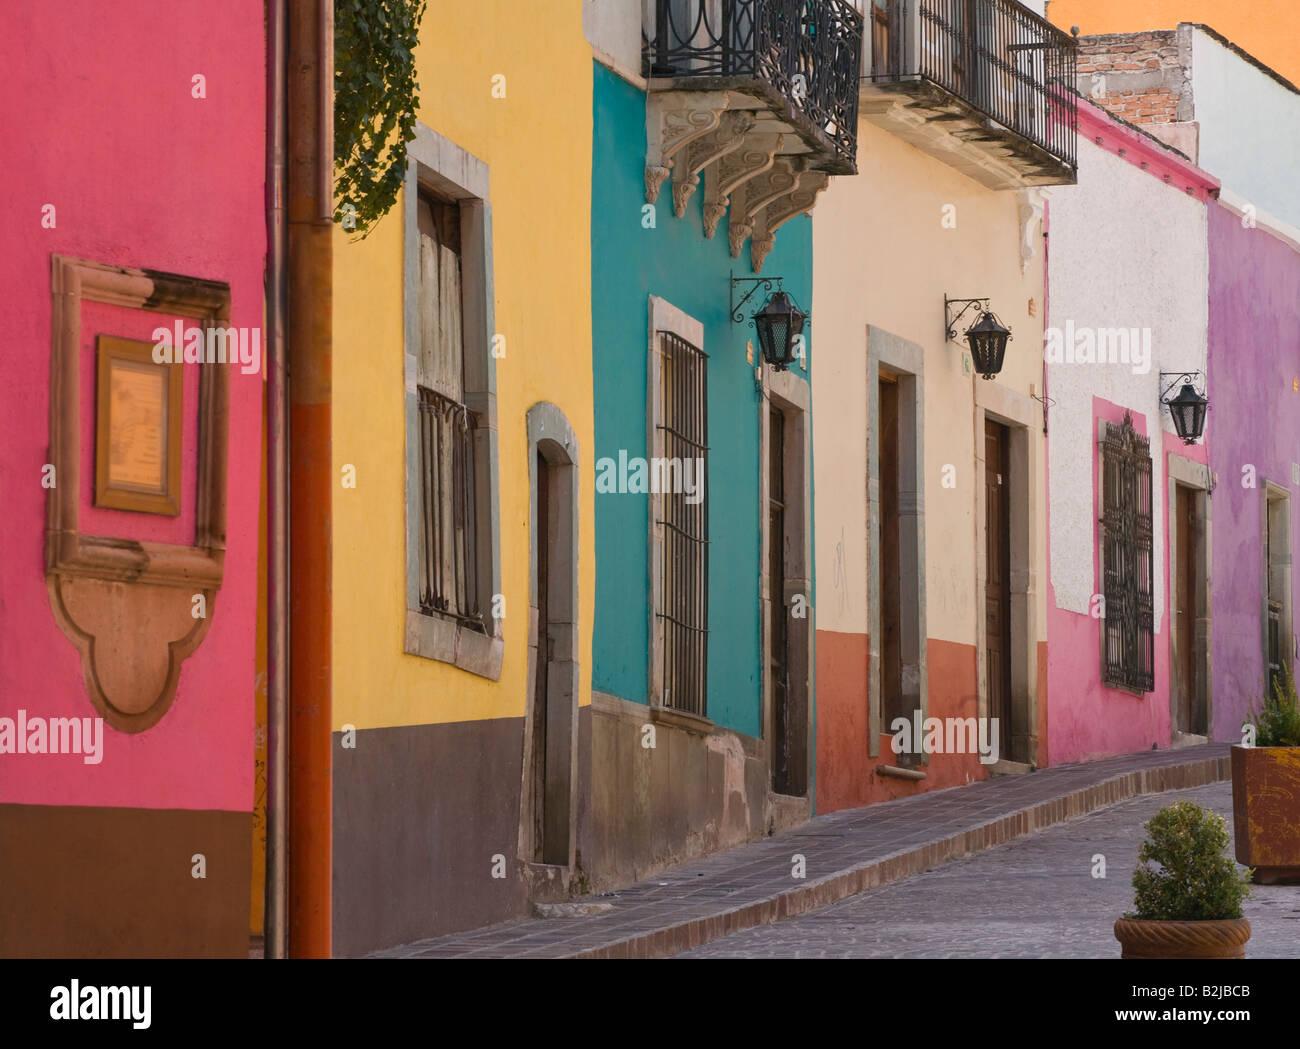 Negrito E Cores Bonitas S O Pintados Nas Paredes Das Casas No Centro  -> Fotos De Paredes Bonitas